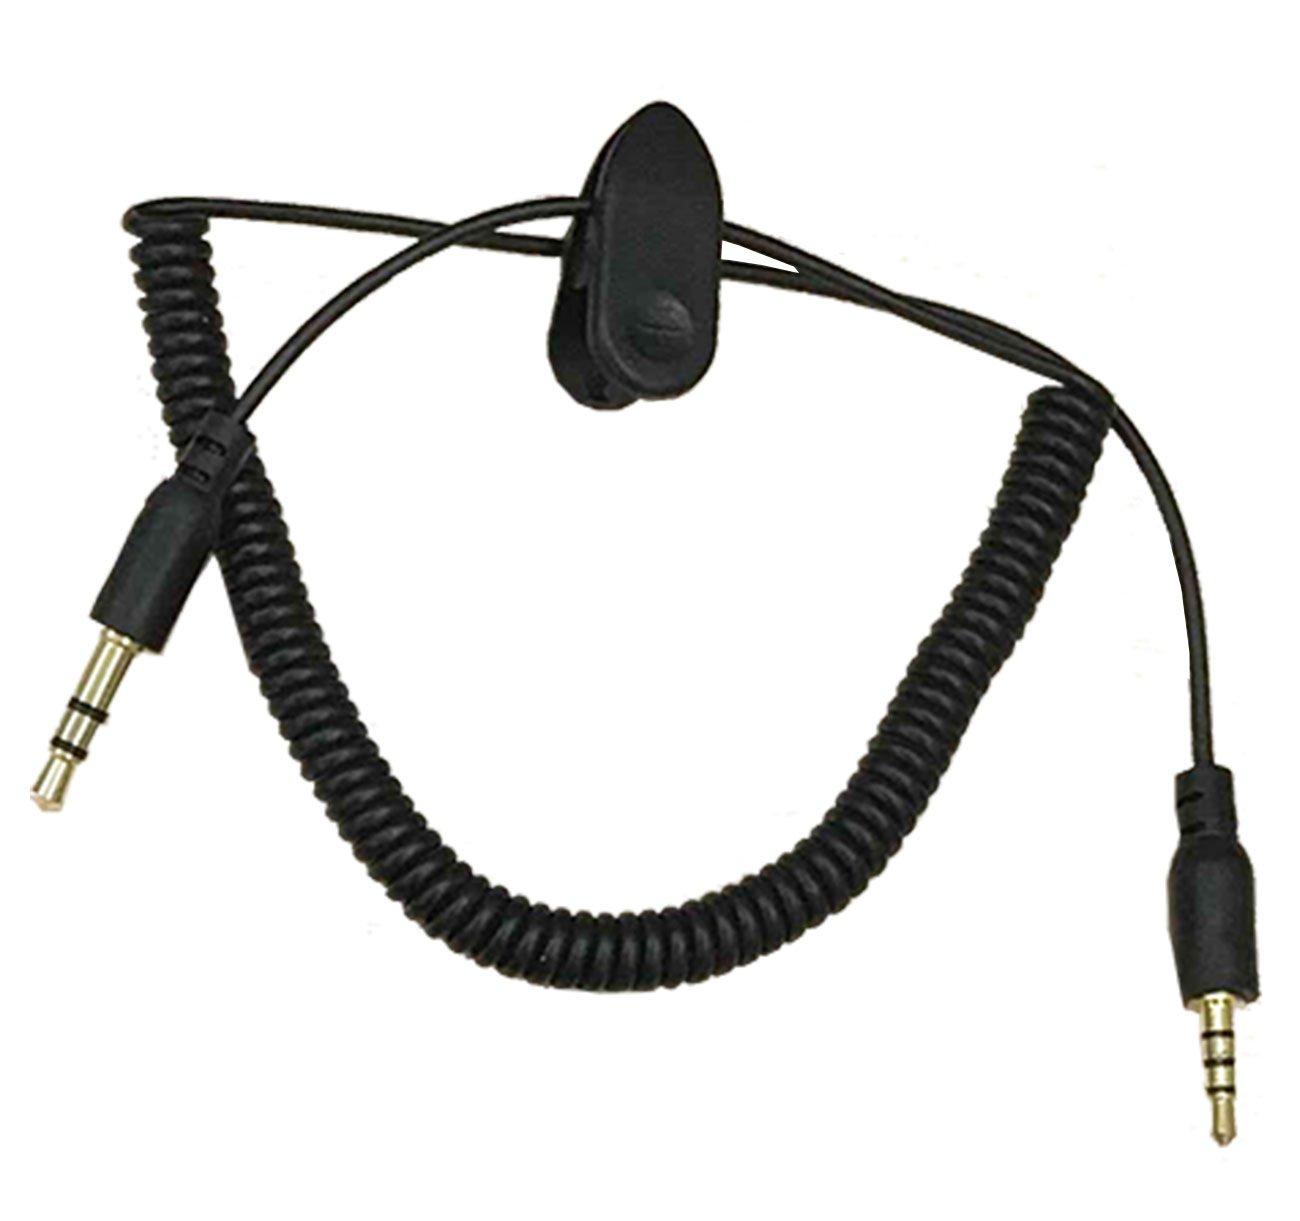 Veetop Accesorios para Casco/ Intercomunicador moto ; Auriculares con microfono, Cable cargador, Cable audio, Kit tornillos, Velcro adhesivo: Amazon.es: ...